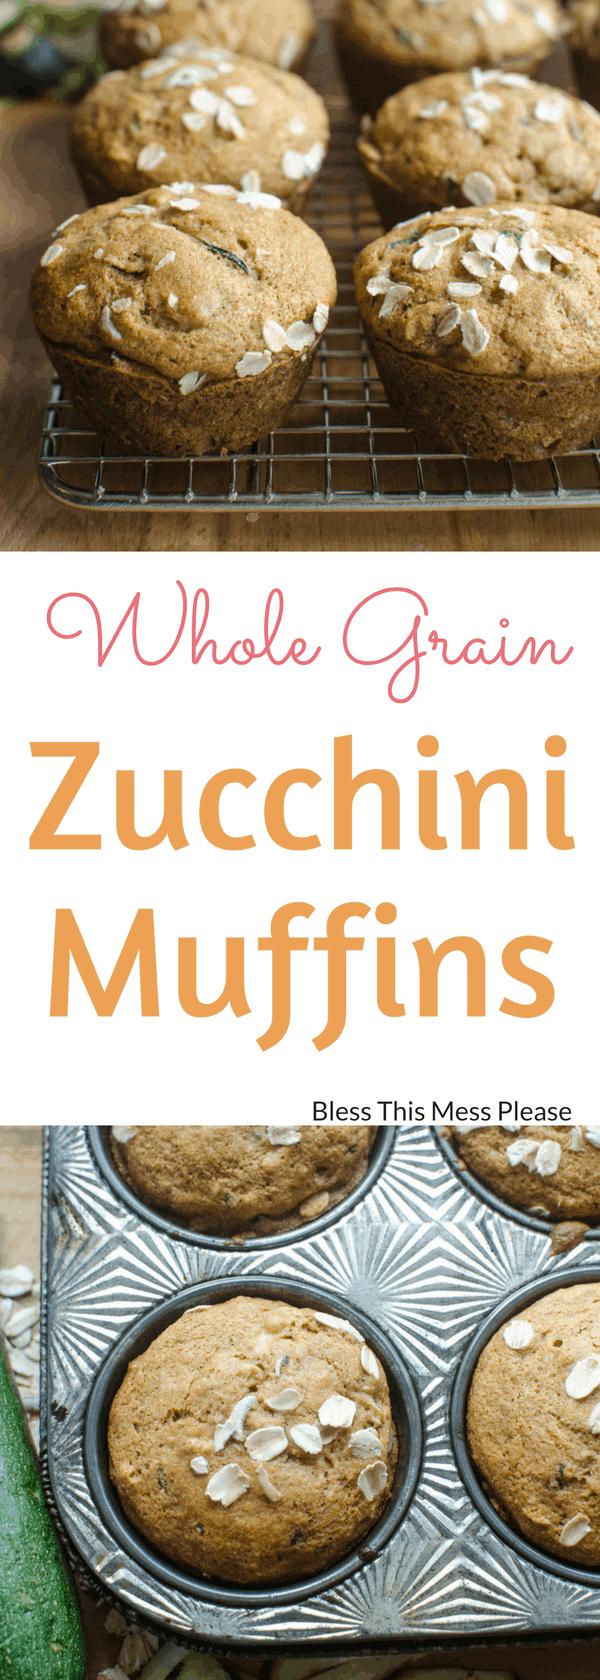 Whole Grain Zucchini Muffins